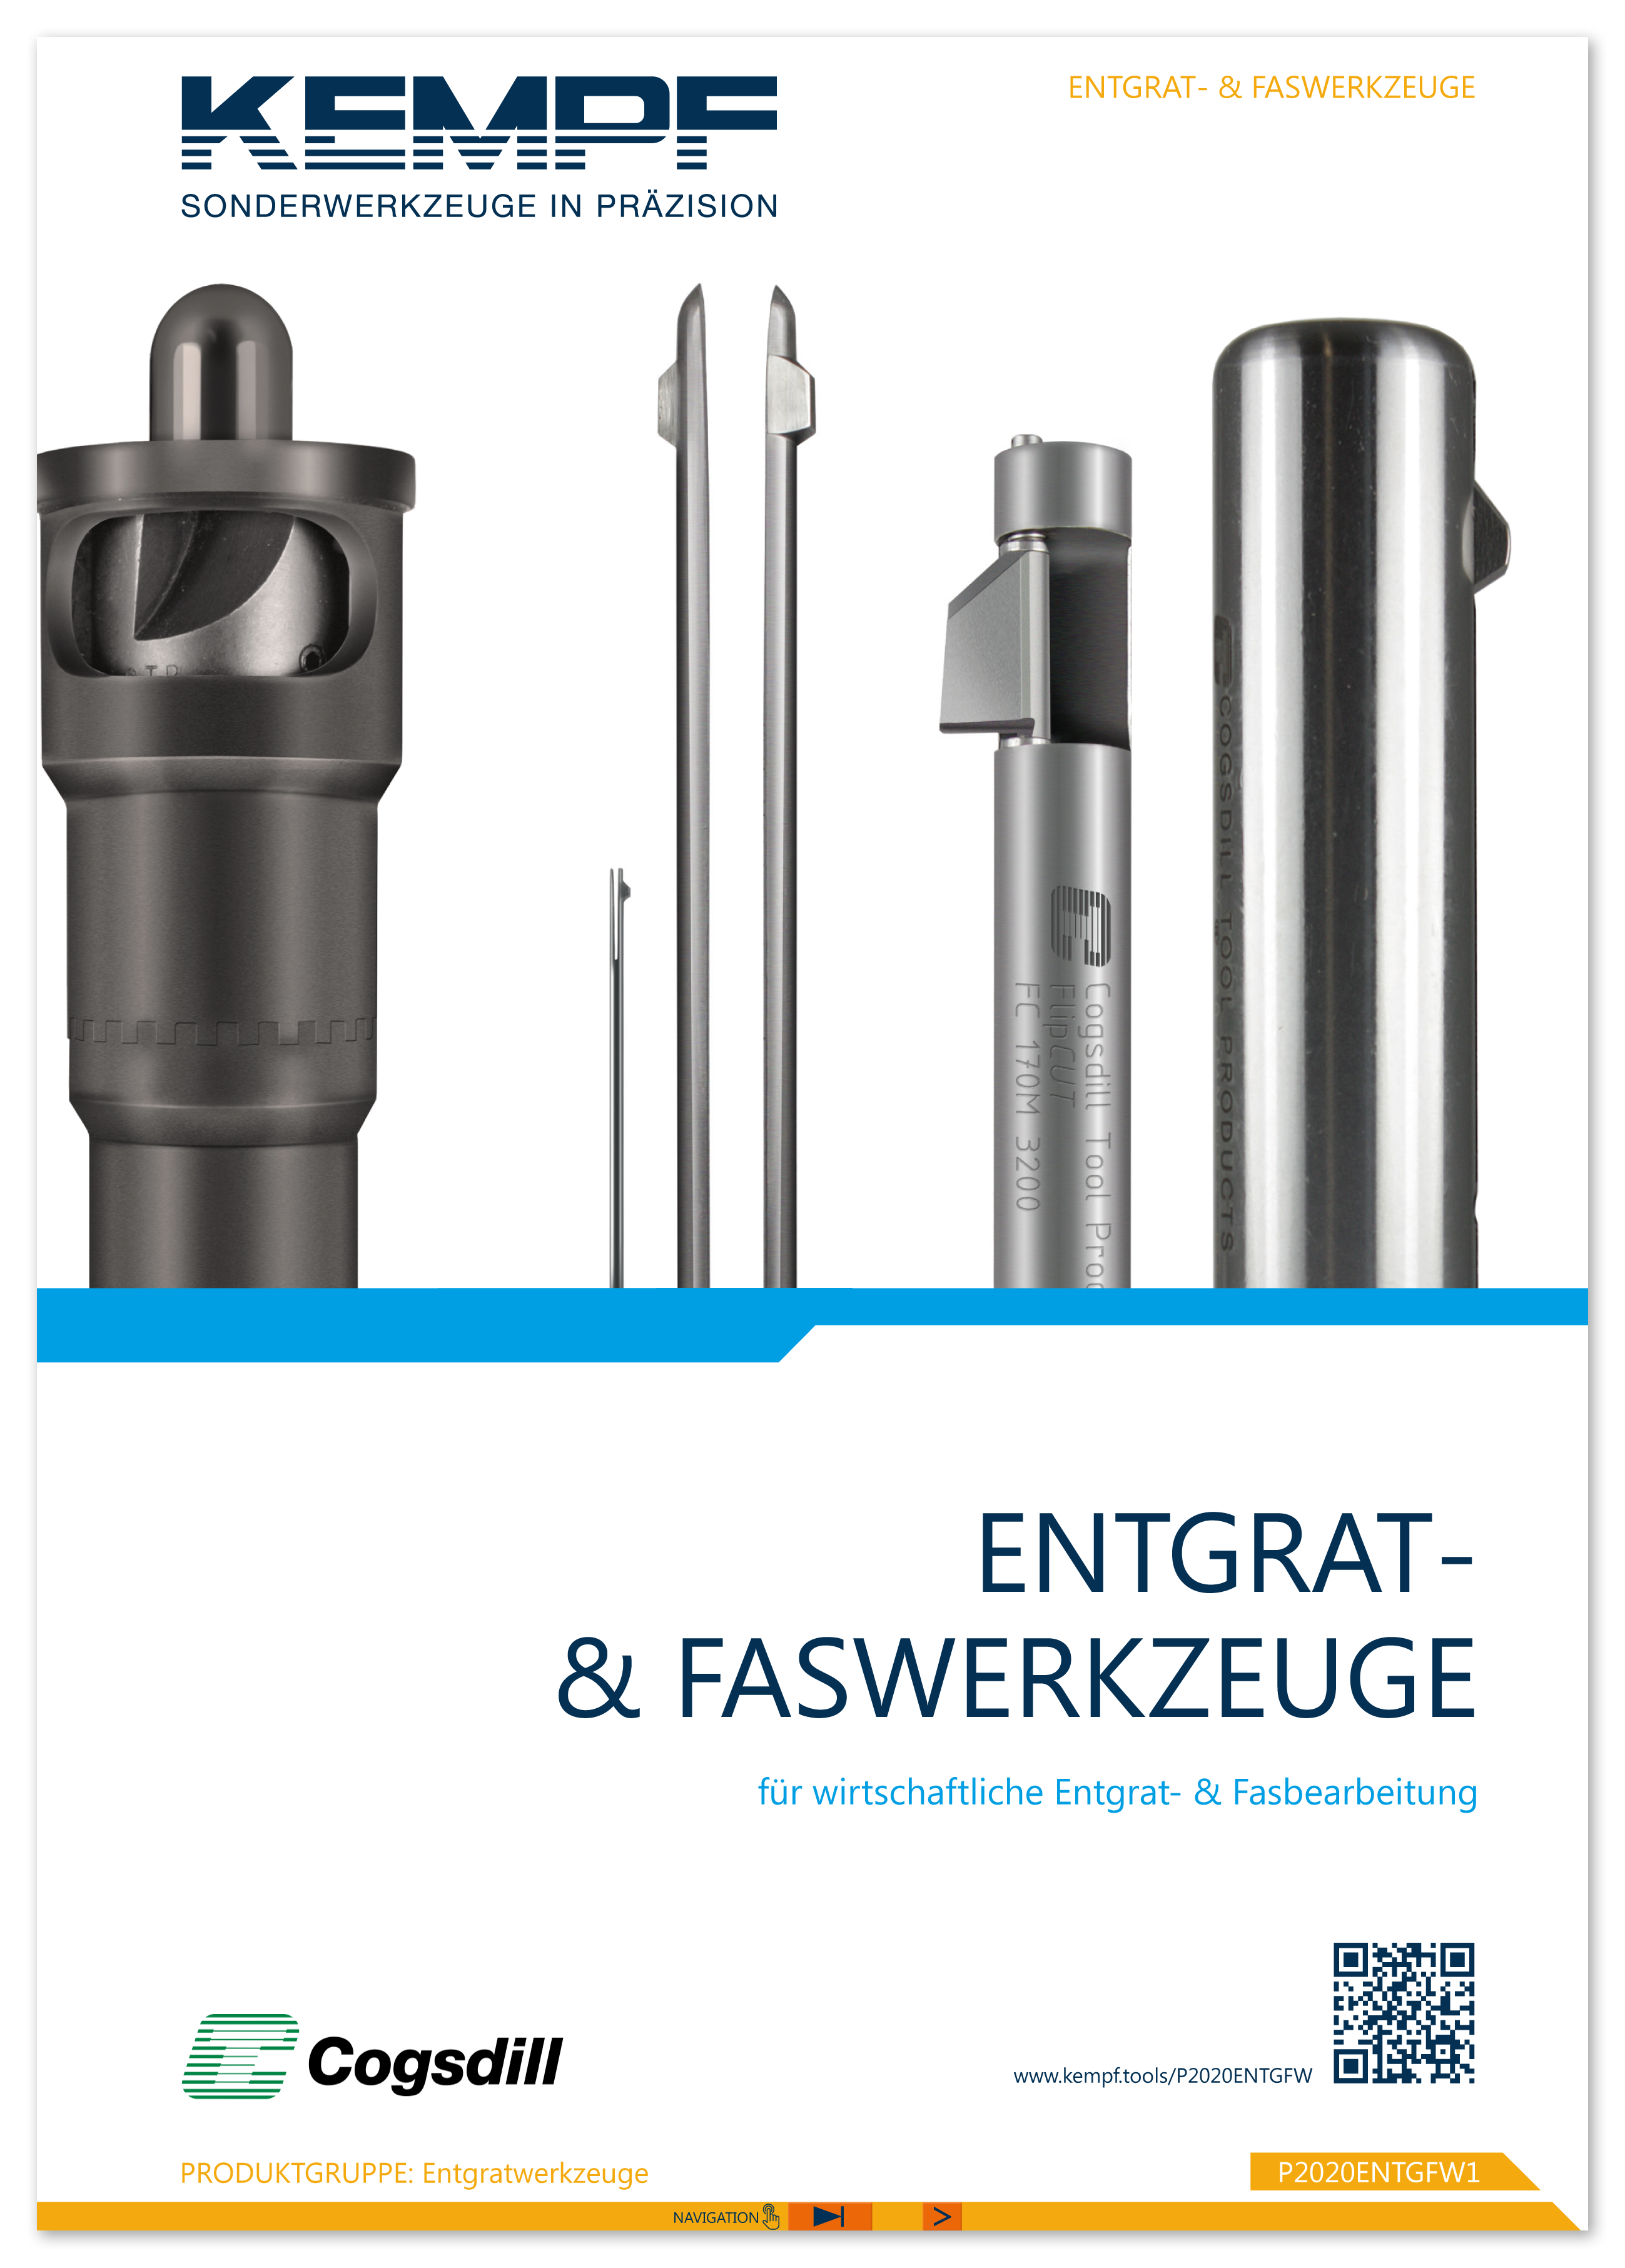 ENTGRATEN-Entgrat-FaswerkzeugeP2020ENTGFW1